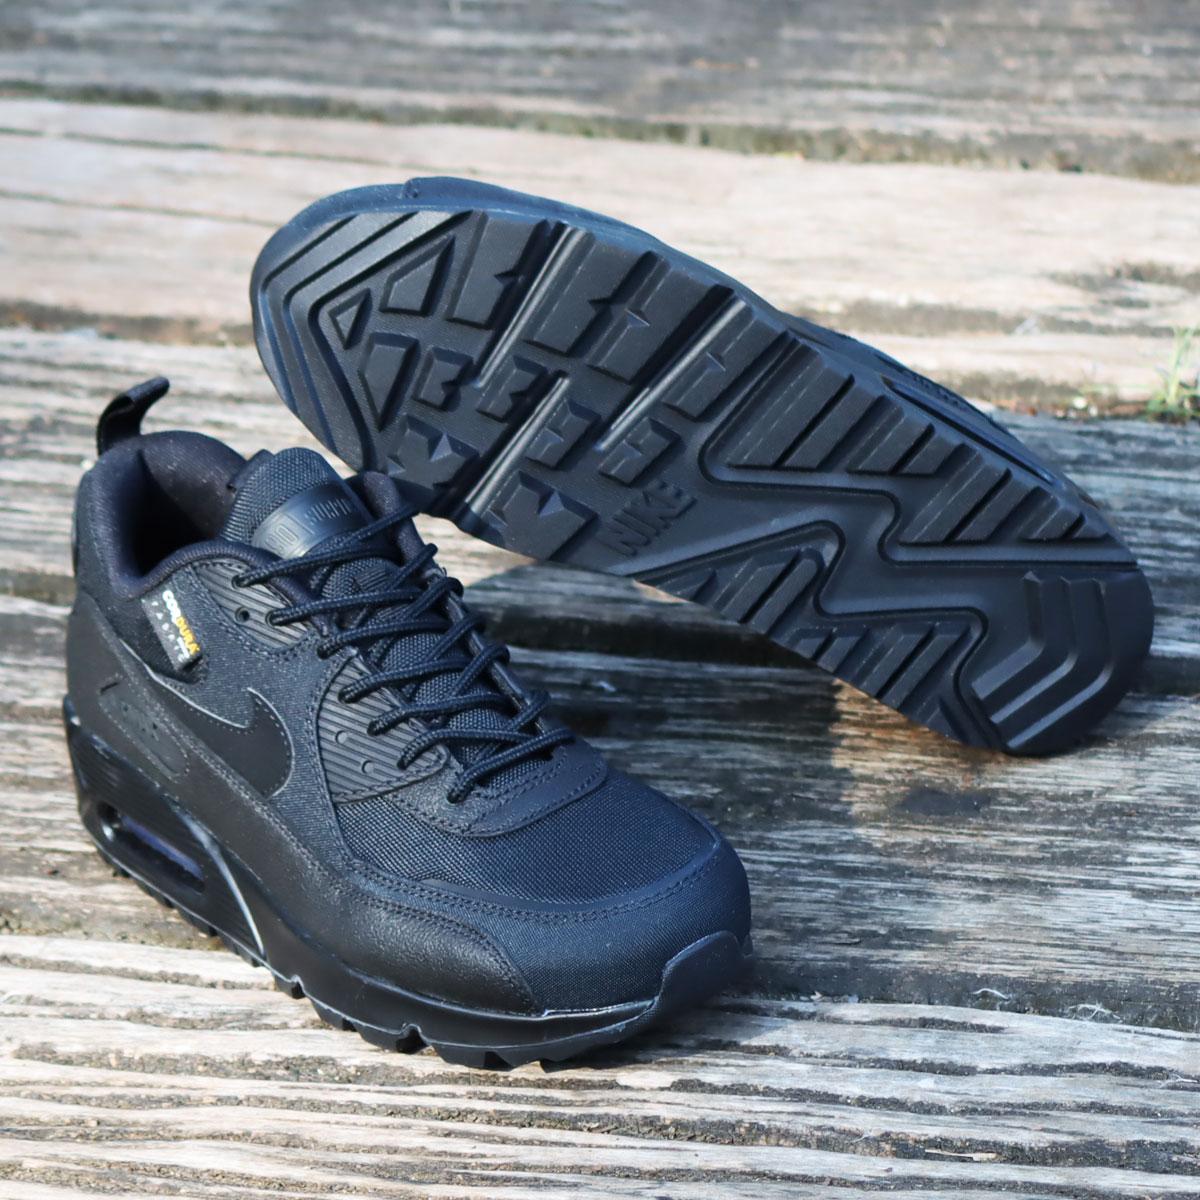 メンズ靴, スニーカー NIKE AIR MAX 90 SURPLUS( 90 )BLACKBLACK-INFRARED 20HO-I